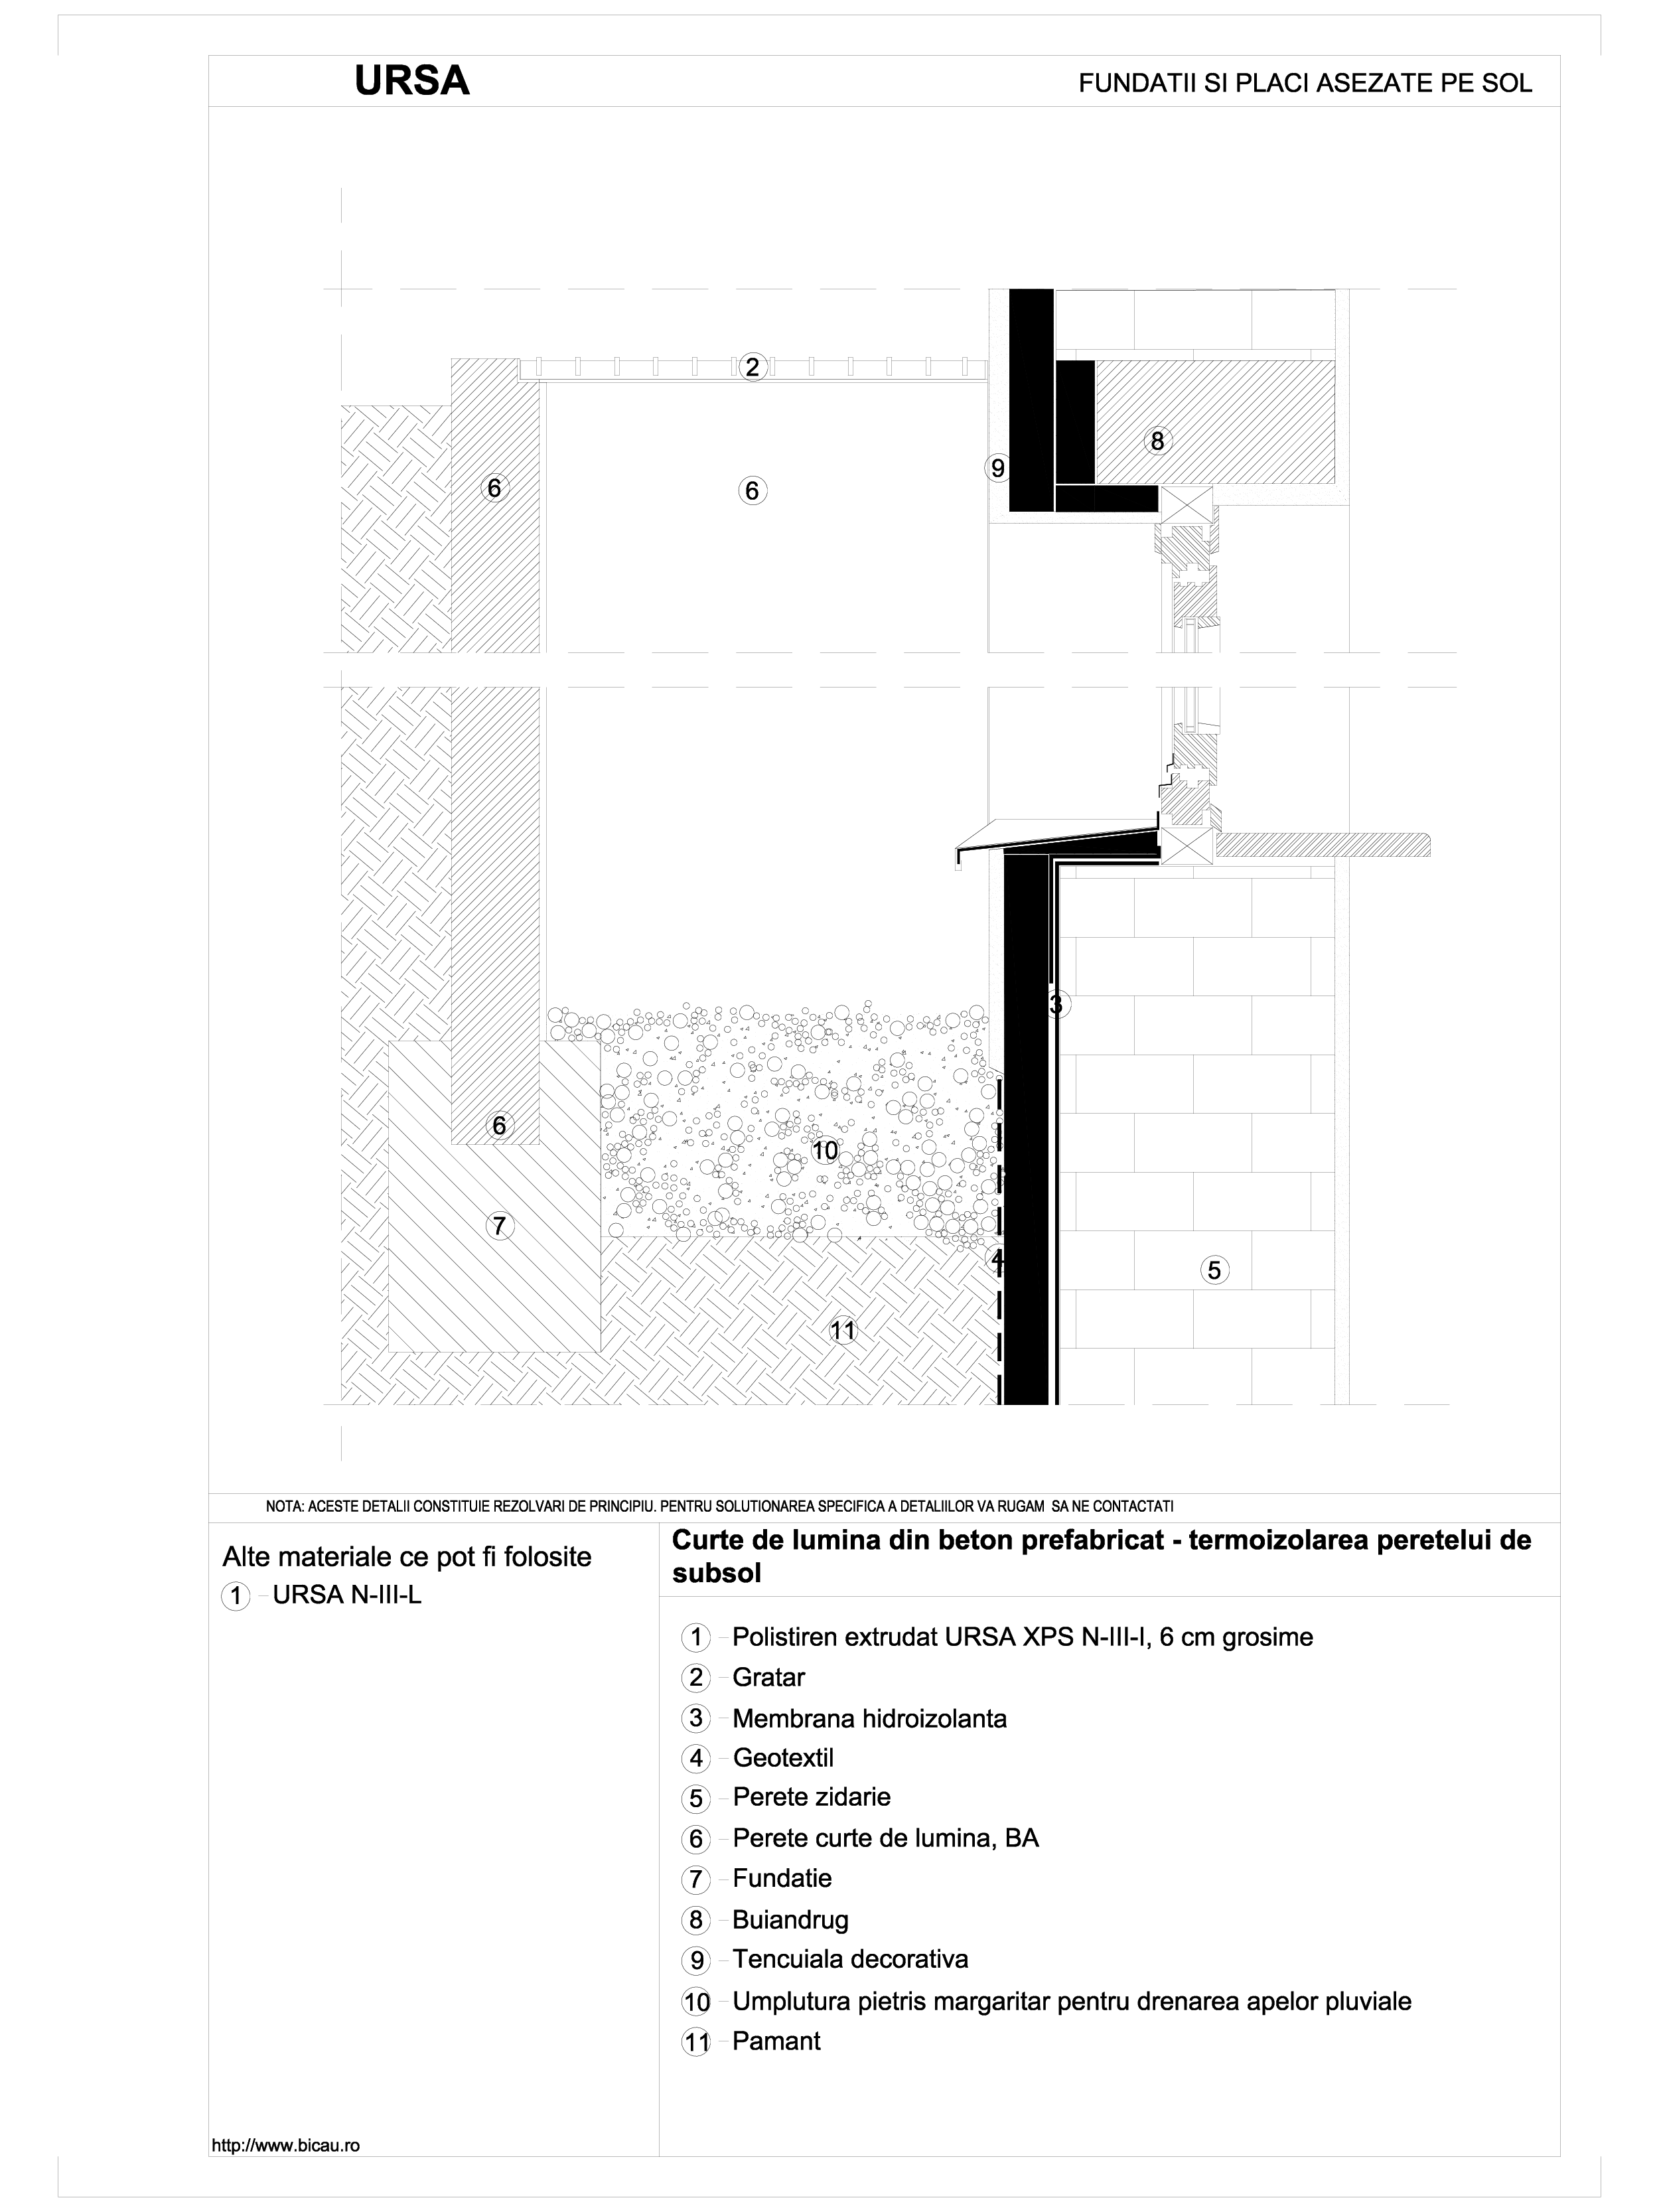 Curte de lumina din beton prefabricat - termoizolarea peretelui de subsol URSA Vata minerala de sticla pentru fatade ventilate URSA ROMANIA   - Pagina 1